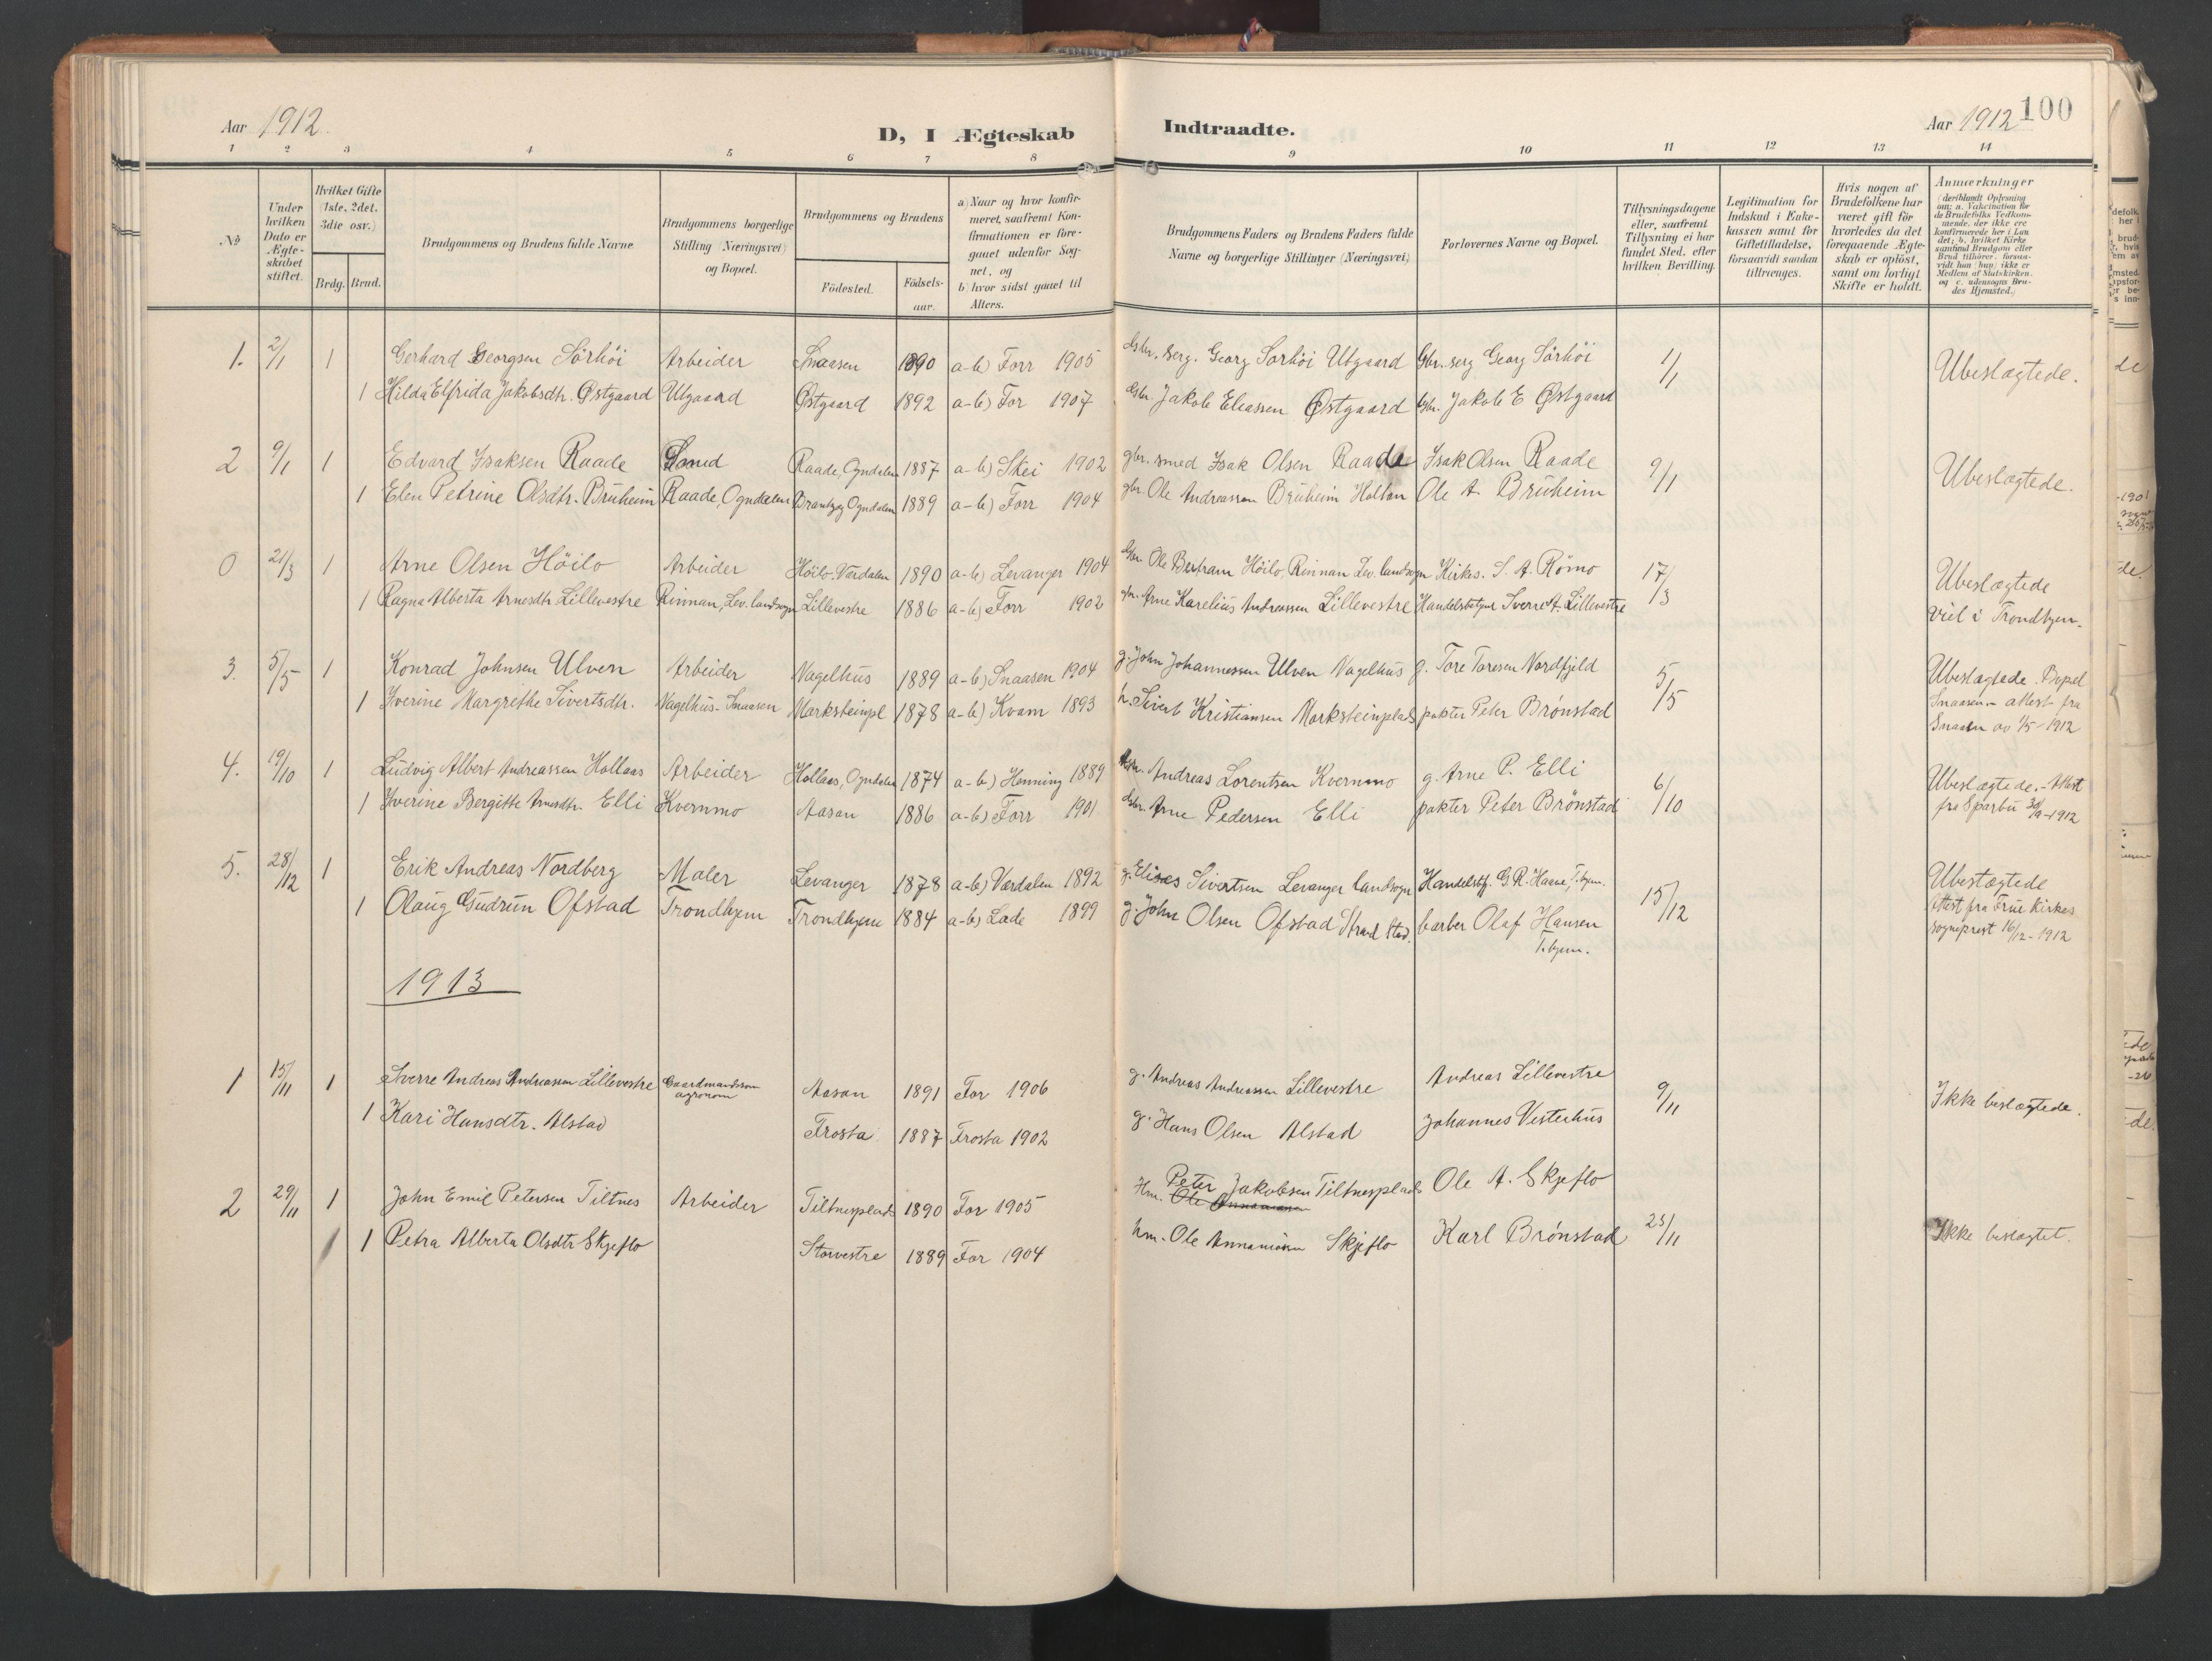 SAT, Ministerialprotokoller, klokkerbøker og fødselsregistre - Nord-Trøndelag, 746/L0455: Klokkerbok nr. 746C01, 1908-1933, s. 100